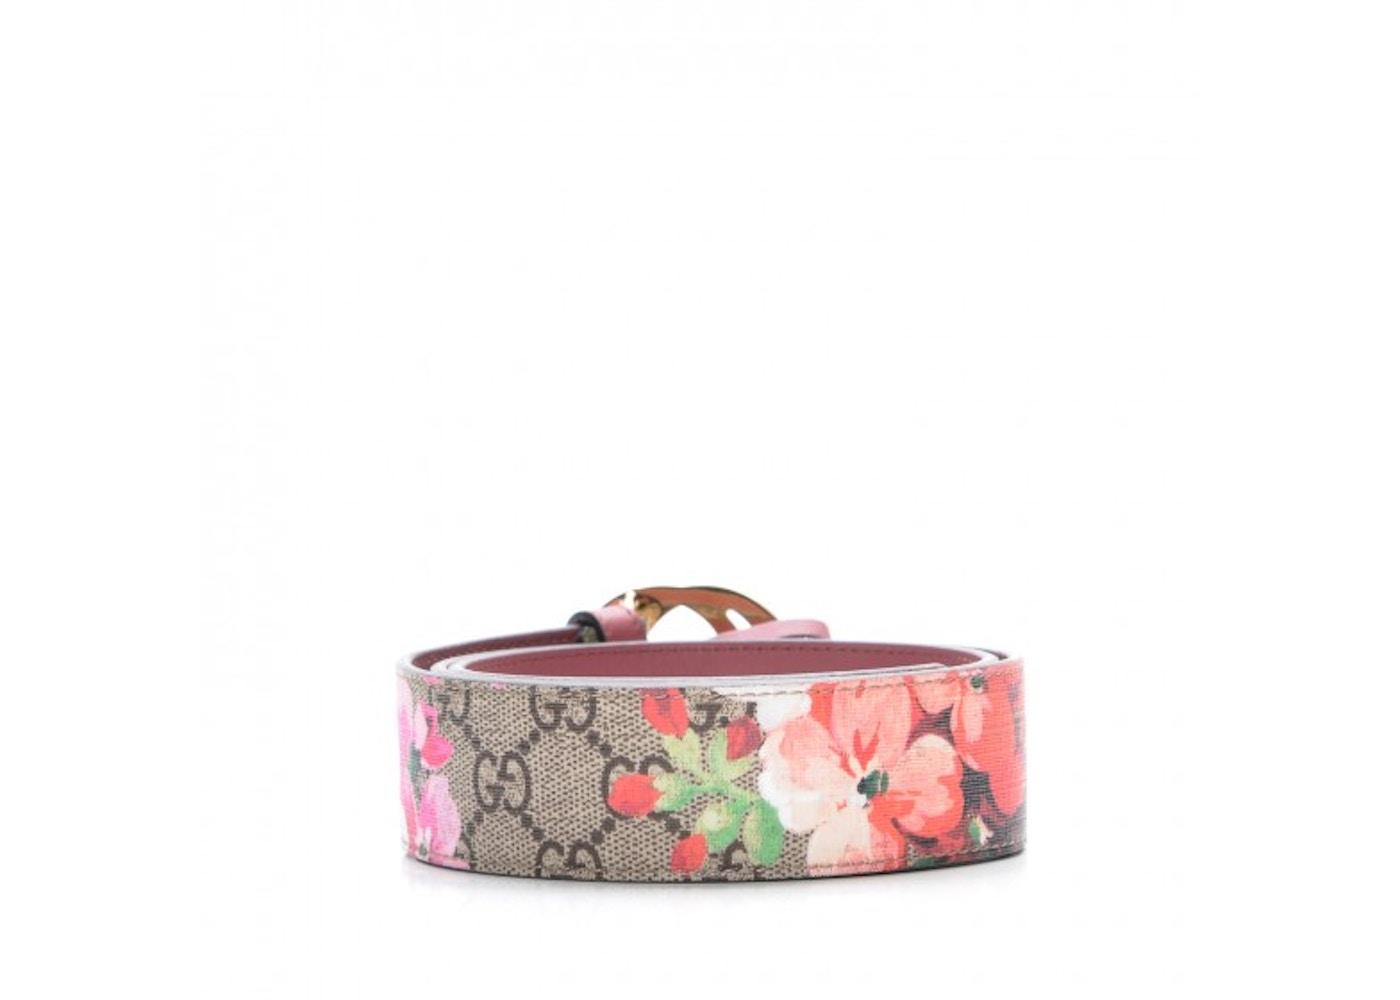 2854449164e22b Buy & Sell Gucci Luxury Handbags